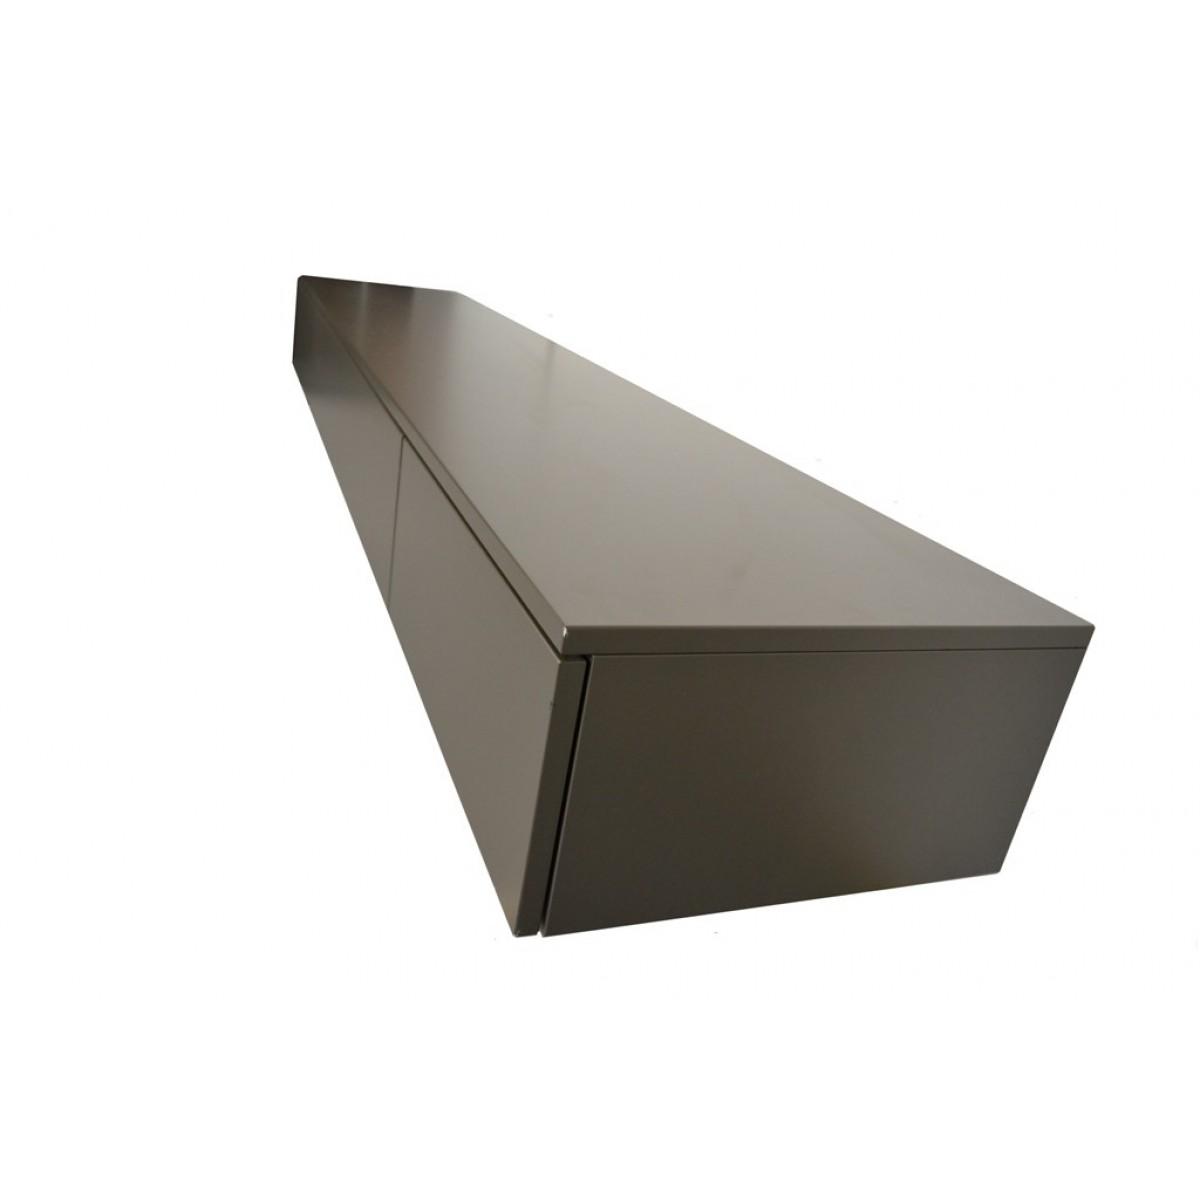 hangend-hang-tv-dressoir-meubel-kleur-basalt-laden-klep-zijkant